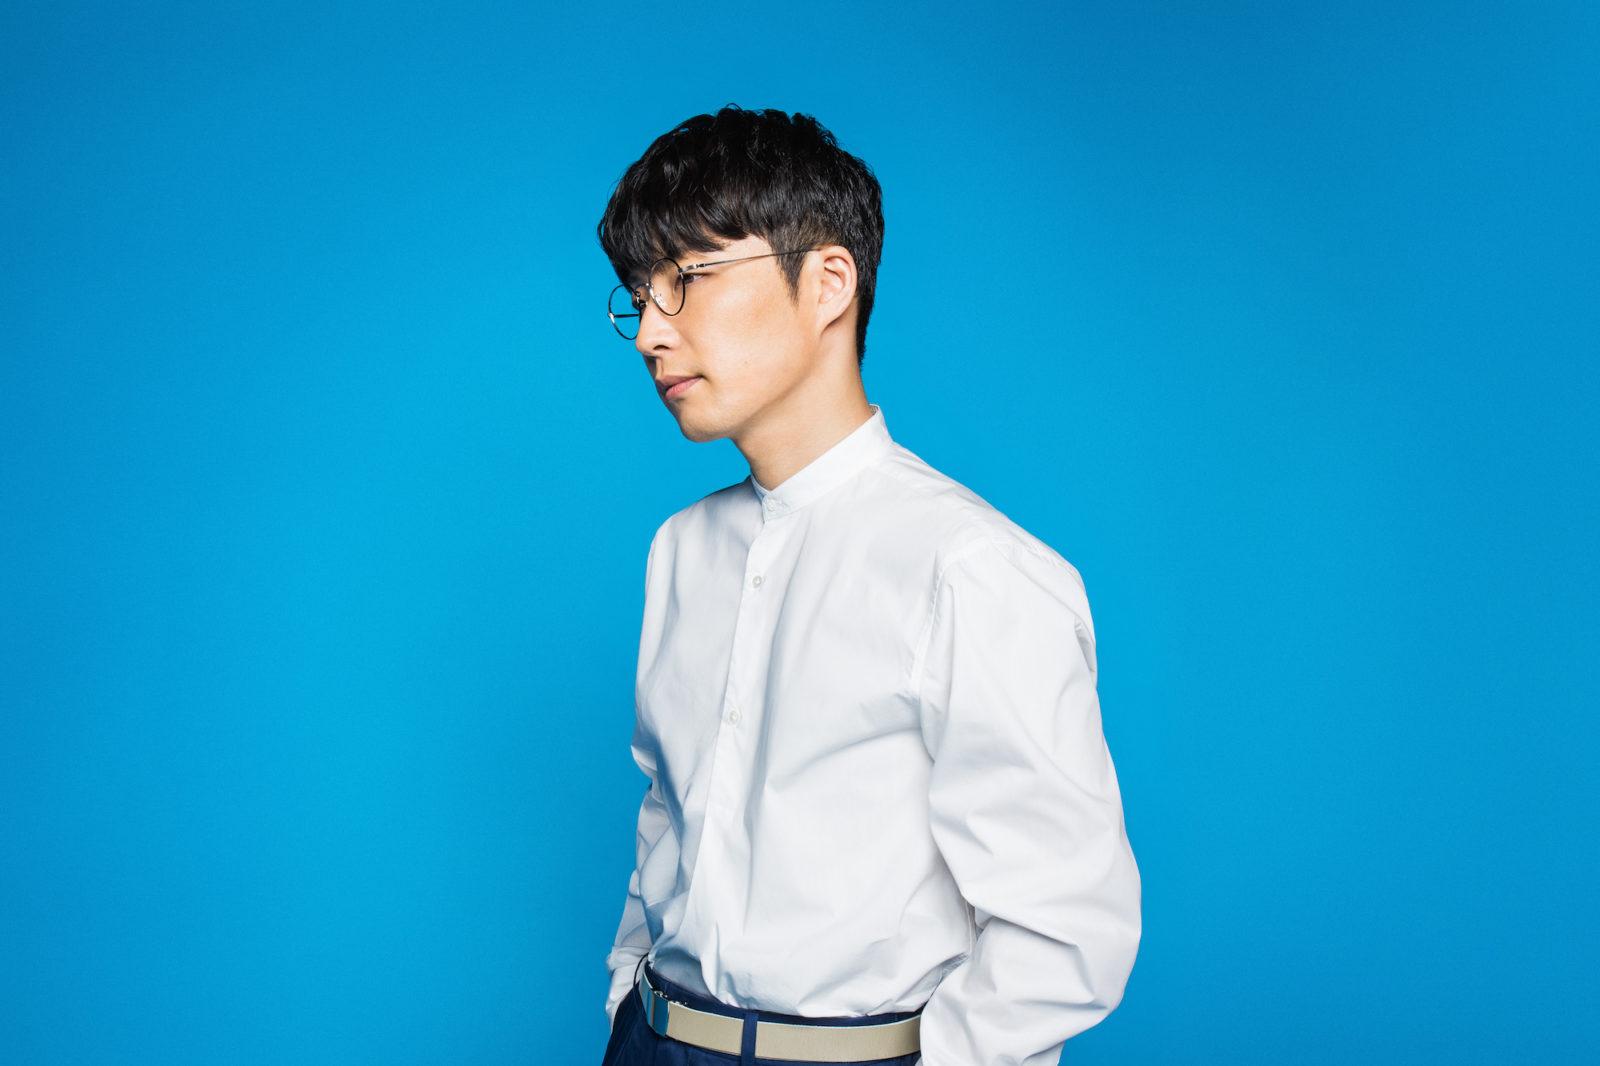 星野 源、史上初3年連続受賞「SPACE SHOWER MUSIC AWARDS 2018」2部門を制覇サムネイル画像!